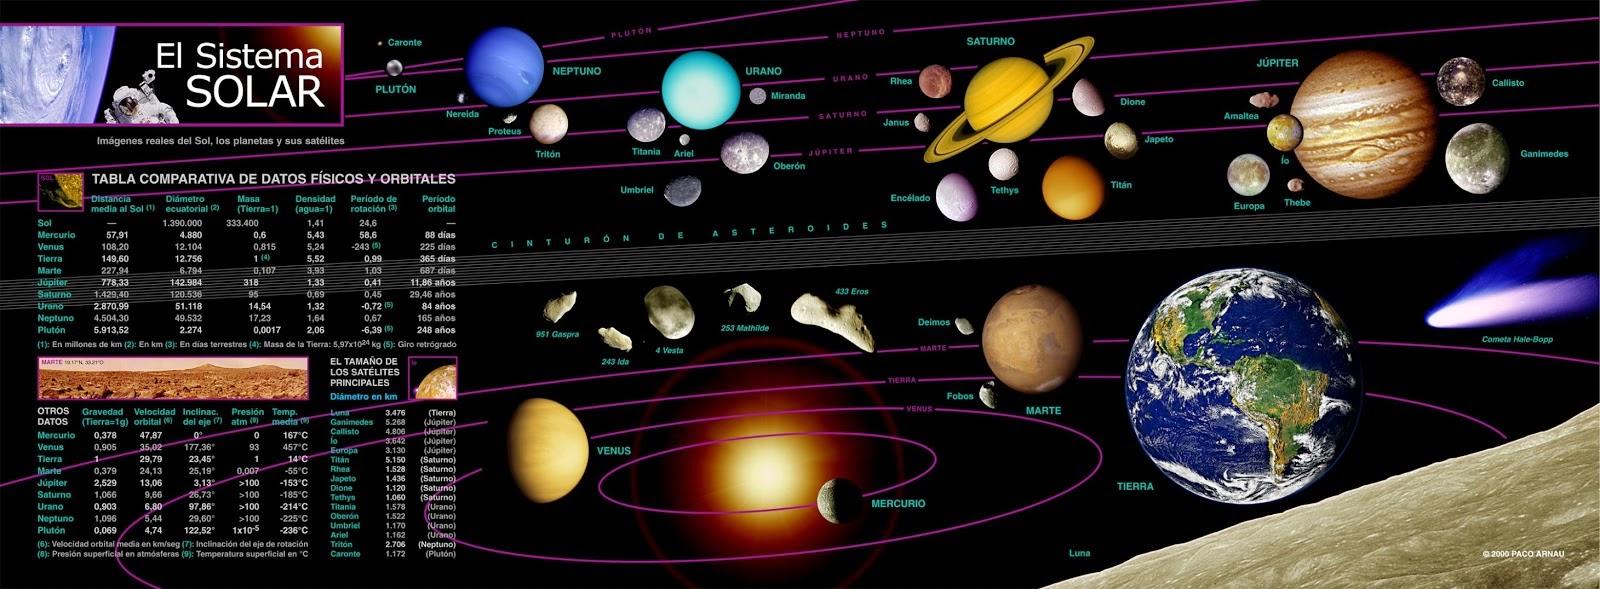 Datos físicos y orbitales del Sistema Solar